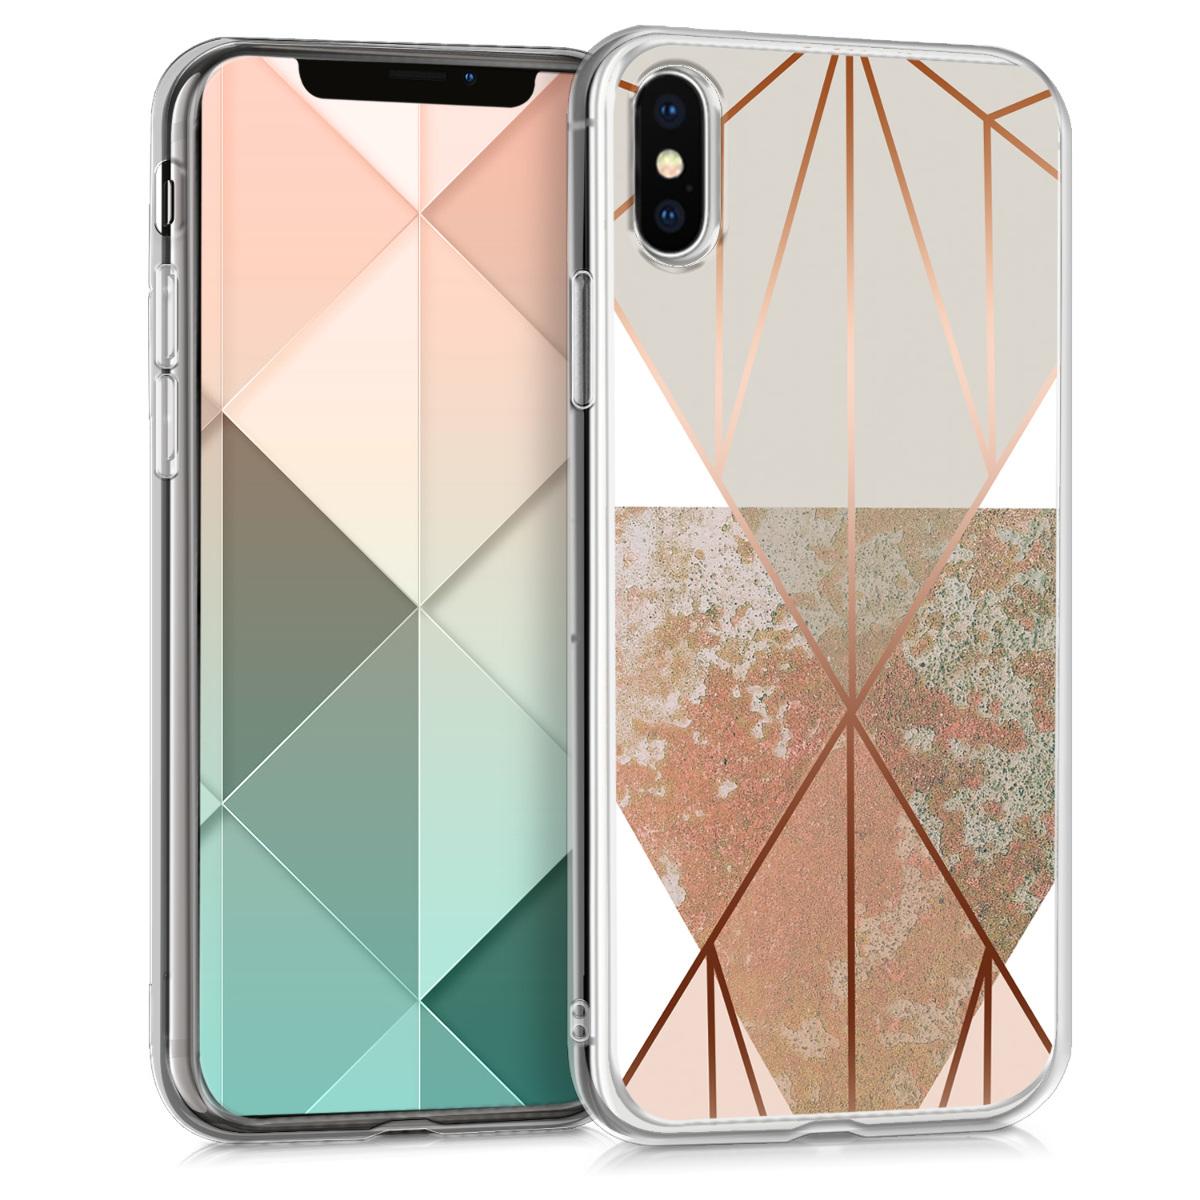 Kvalitní silikonové TPU pouzdro pro Apple iPhone X - Trojúhelníkové tvary Beige | Rose Gold | White